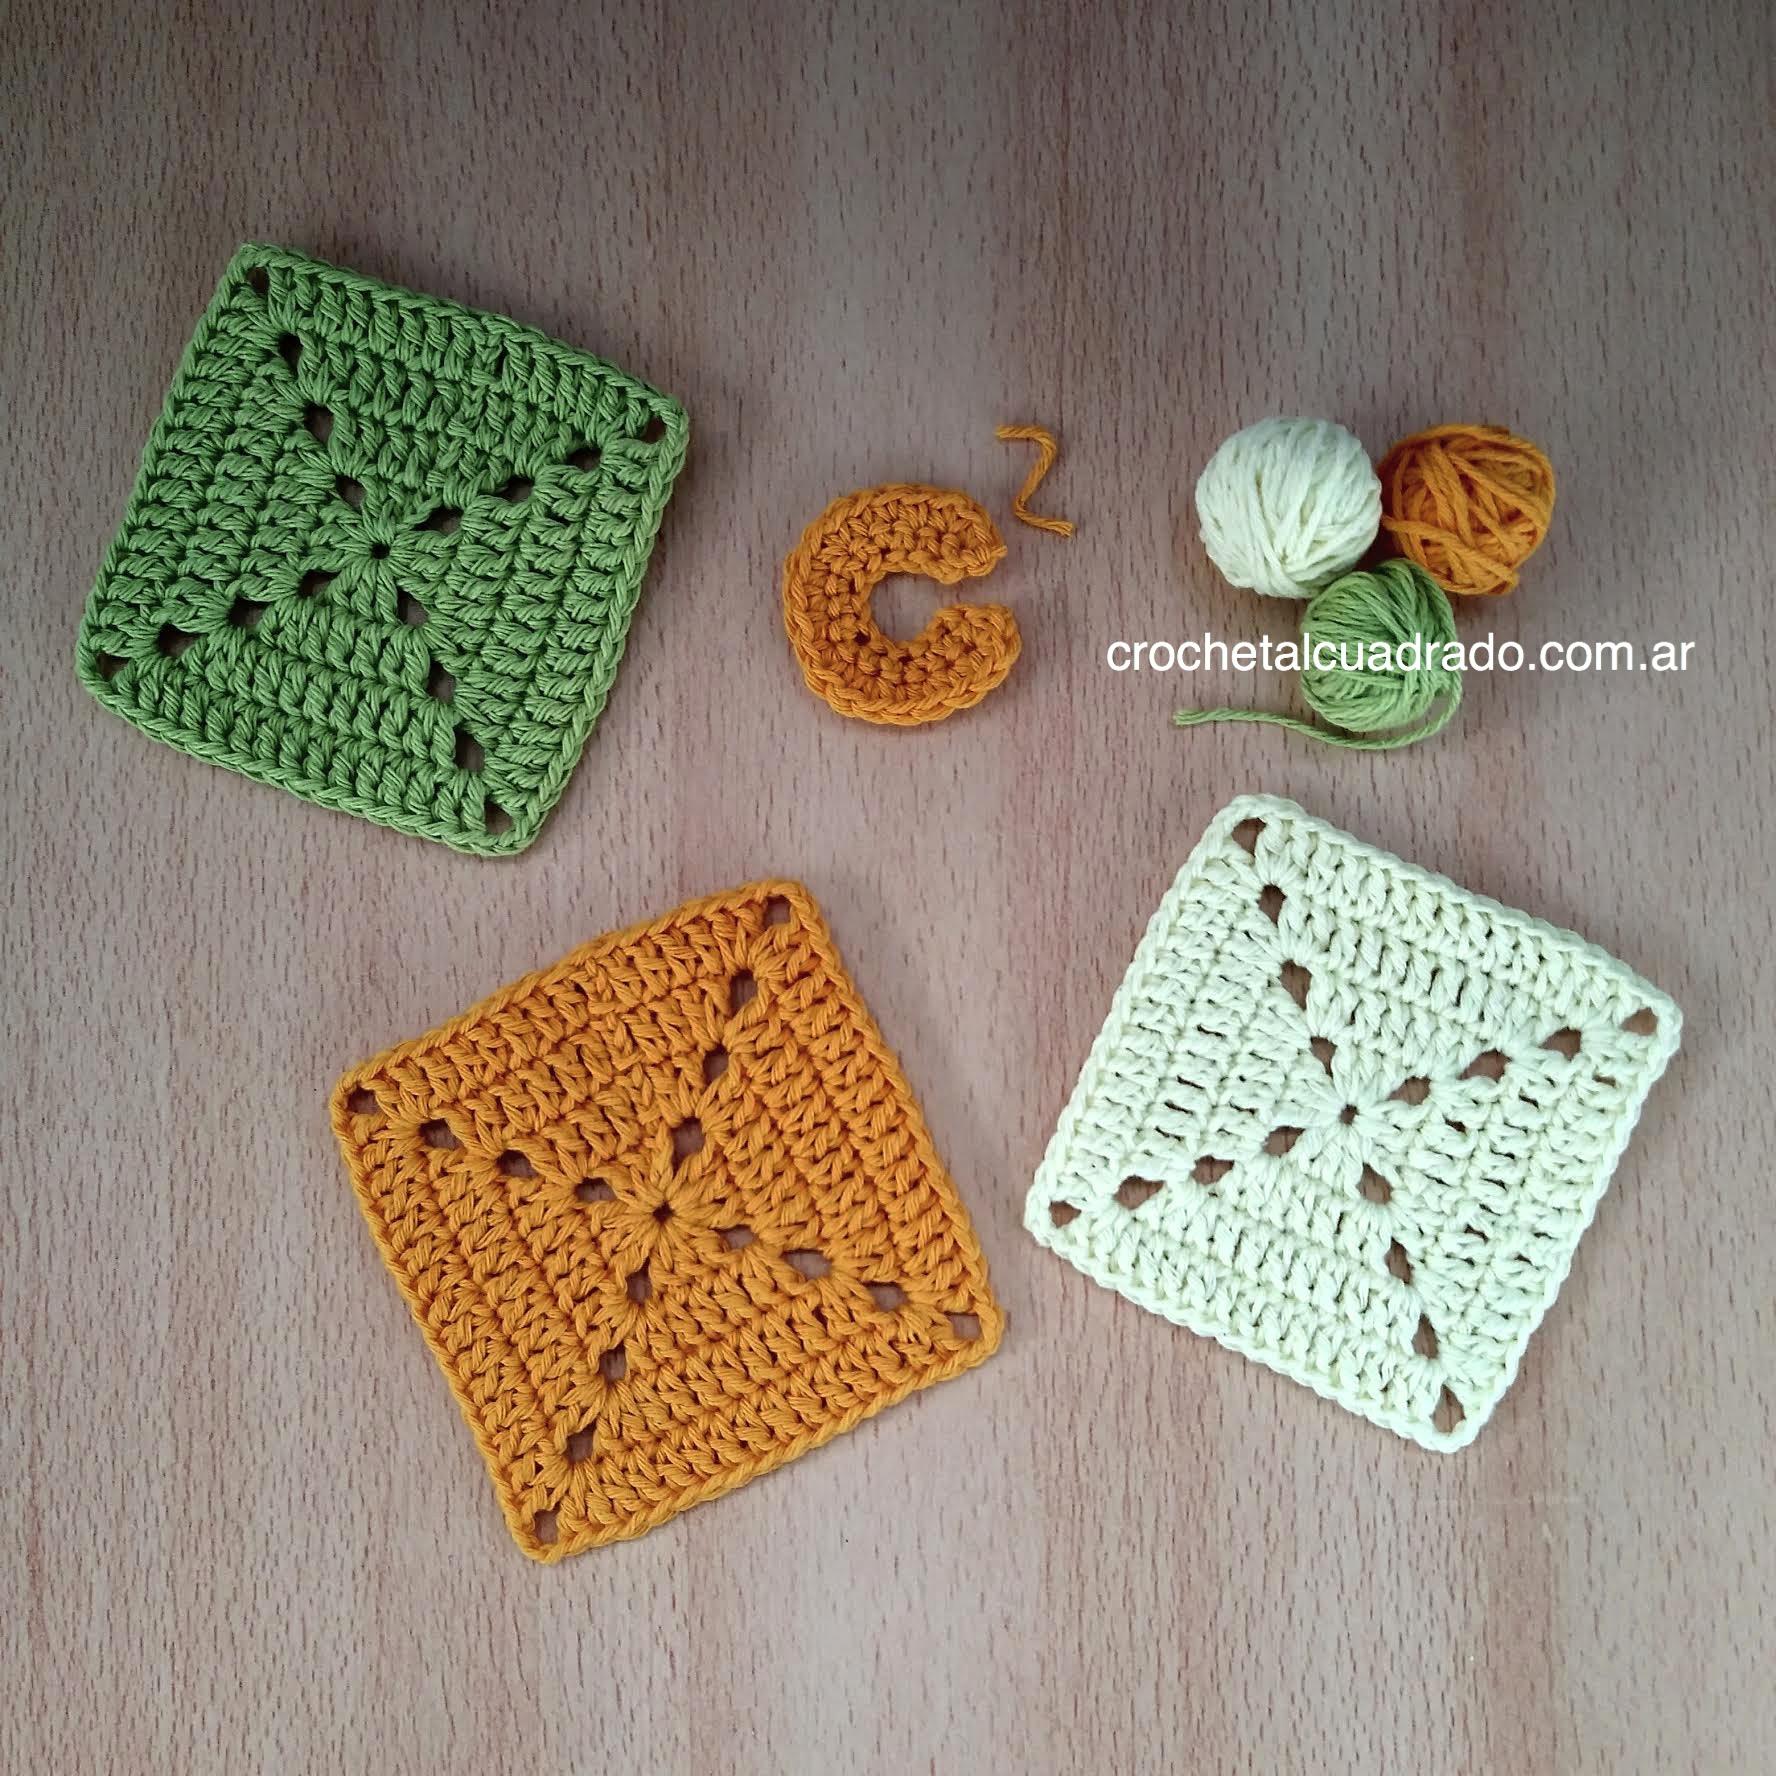 cuadrado crochet compacto